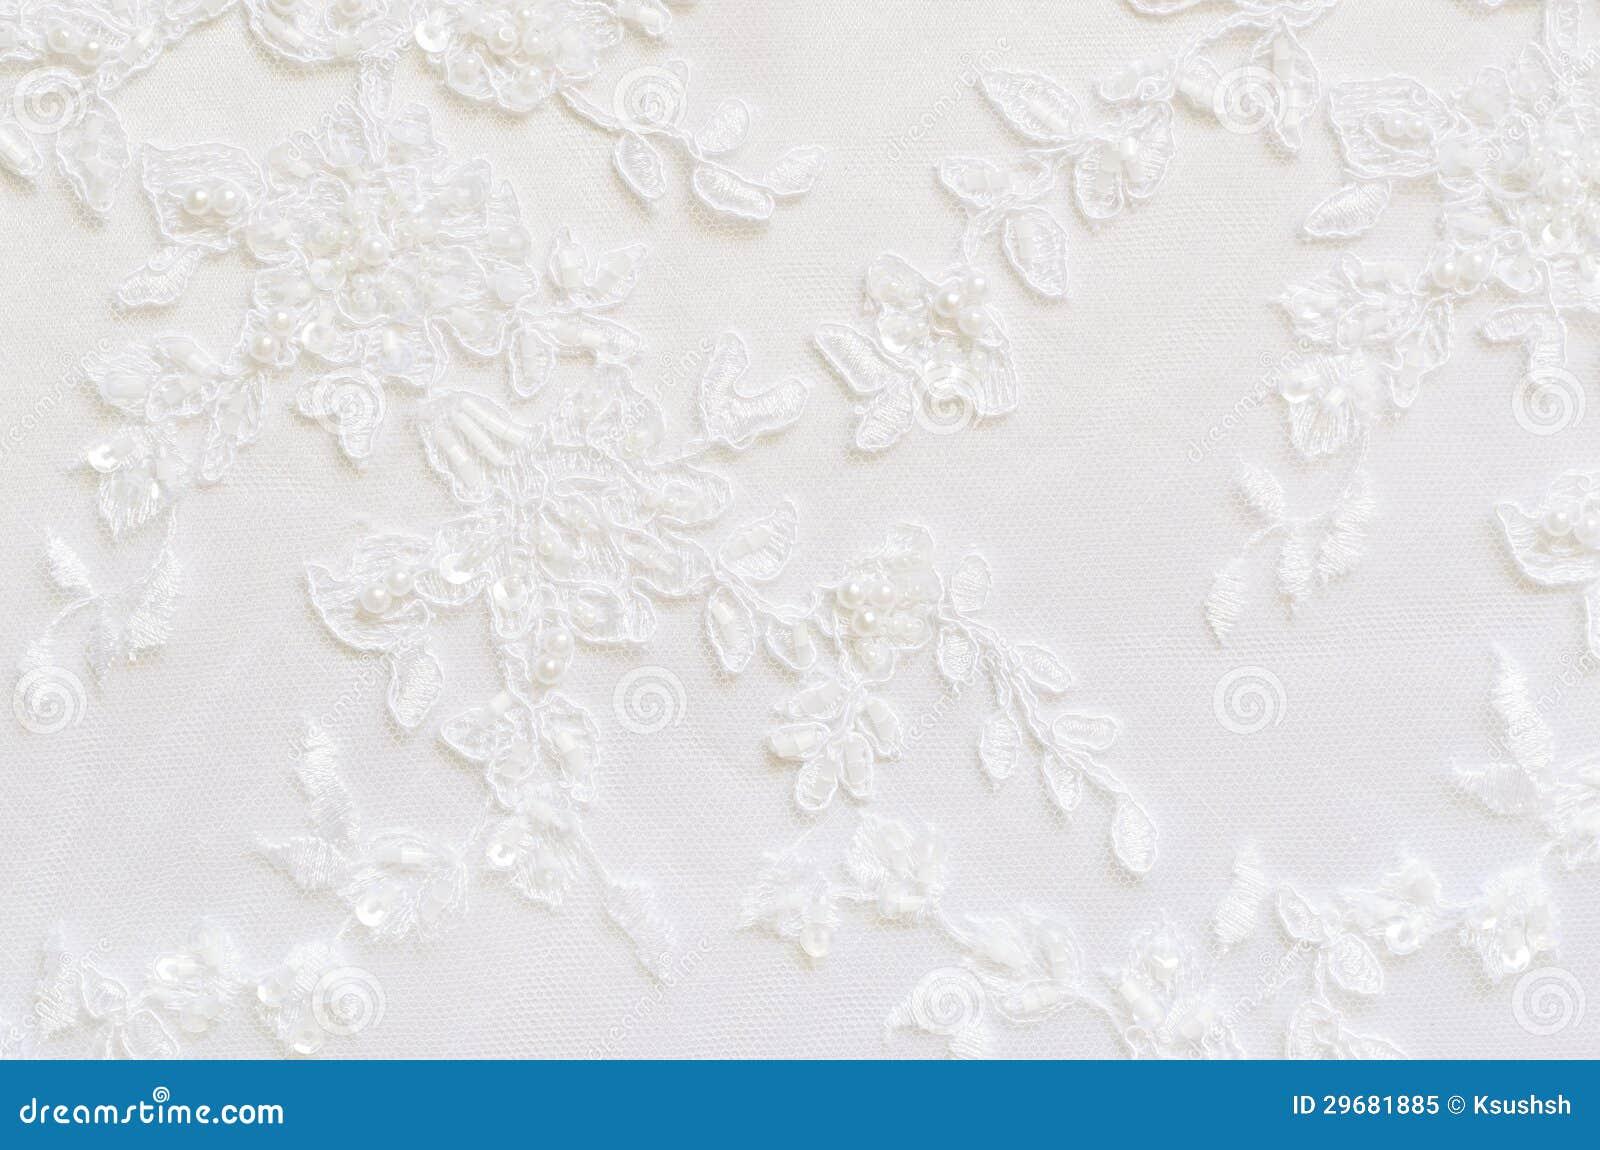 White wedding lace